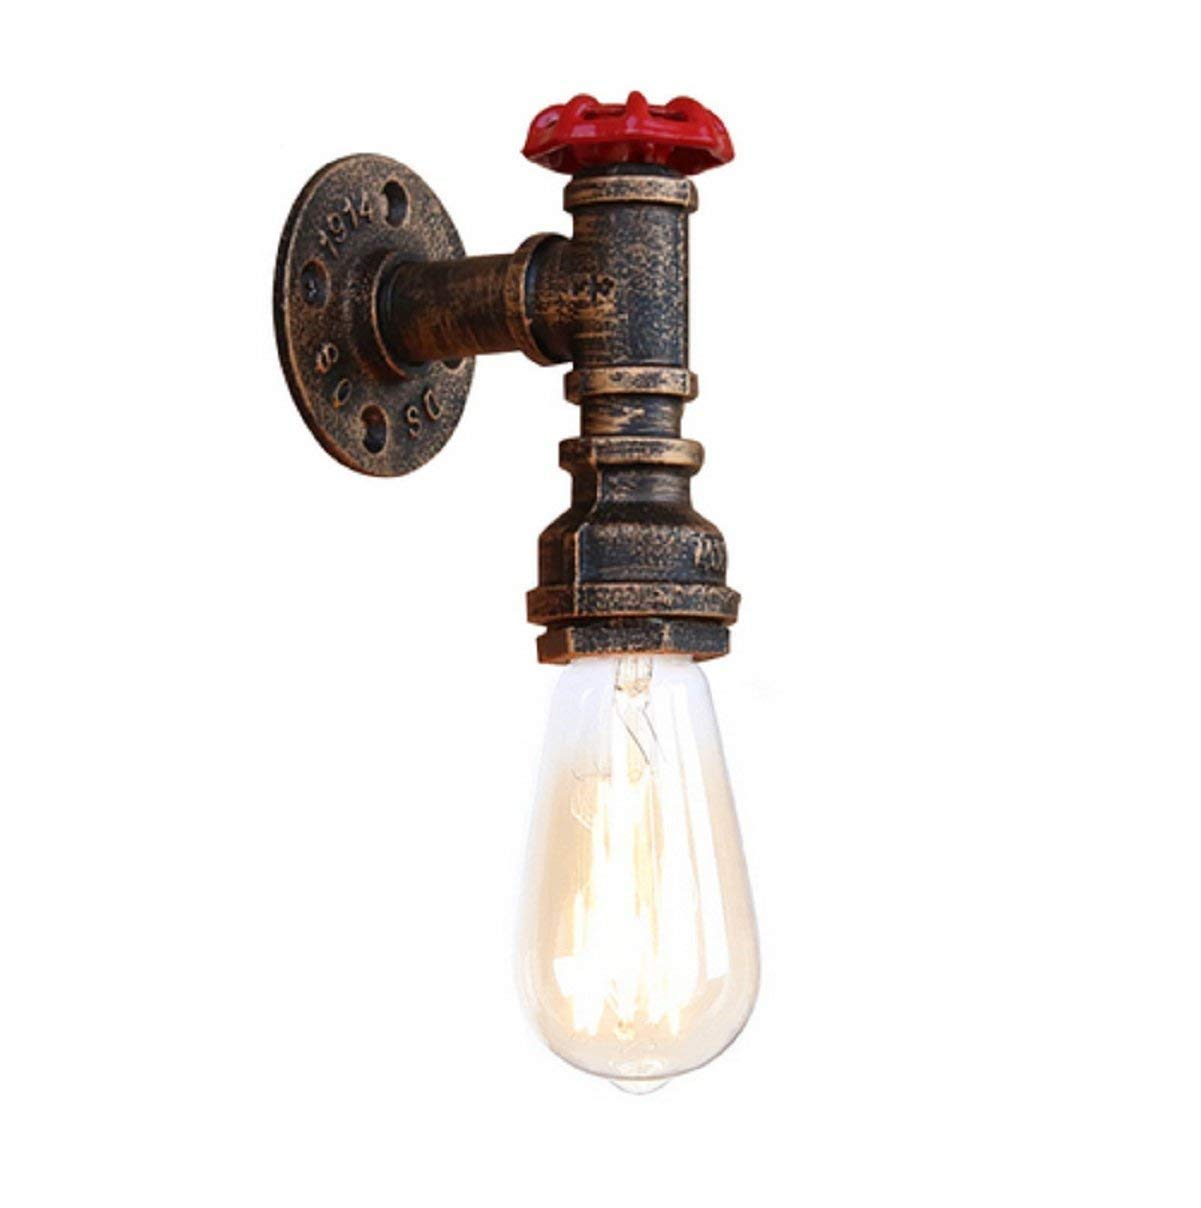 Eeayyygch Steam Punk Loft Industrie Eisen Rost Wasser Rohr Retro Wand Lampen Vintage E27 LED Wandleuchter Wandleuchte Für Wohnzimmer Schlafzimmer Bar (Farbe   -, Größe   -)